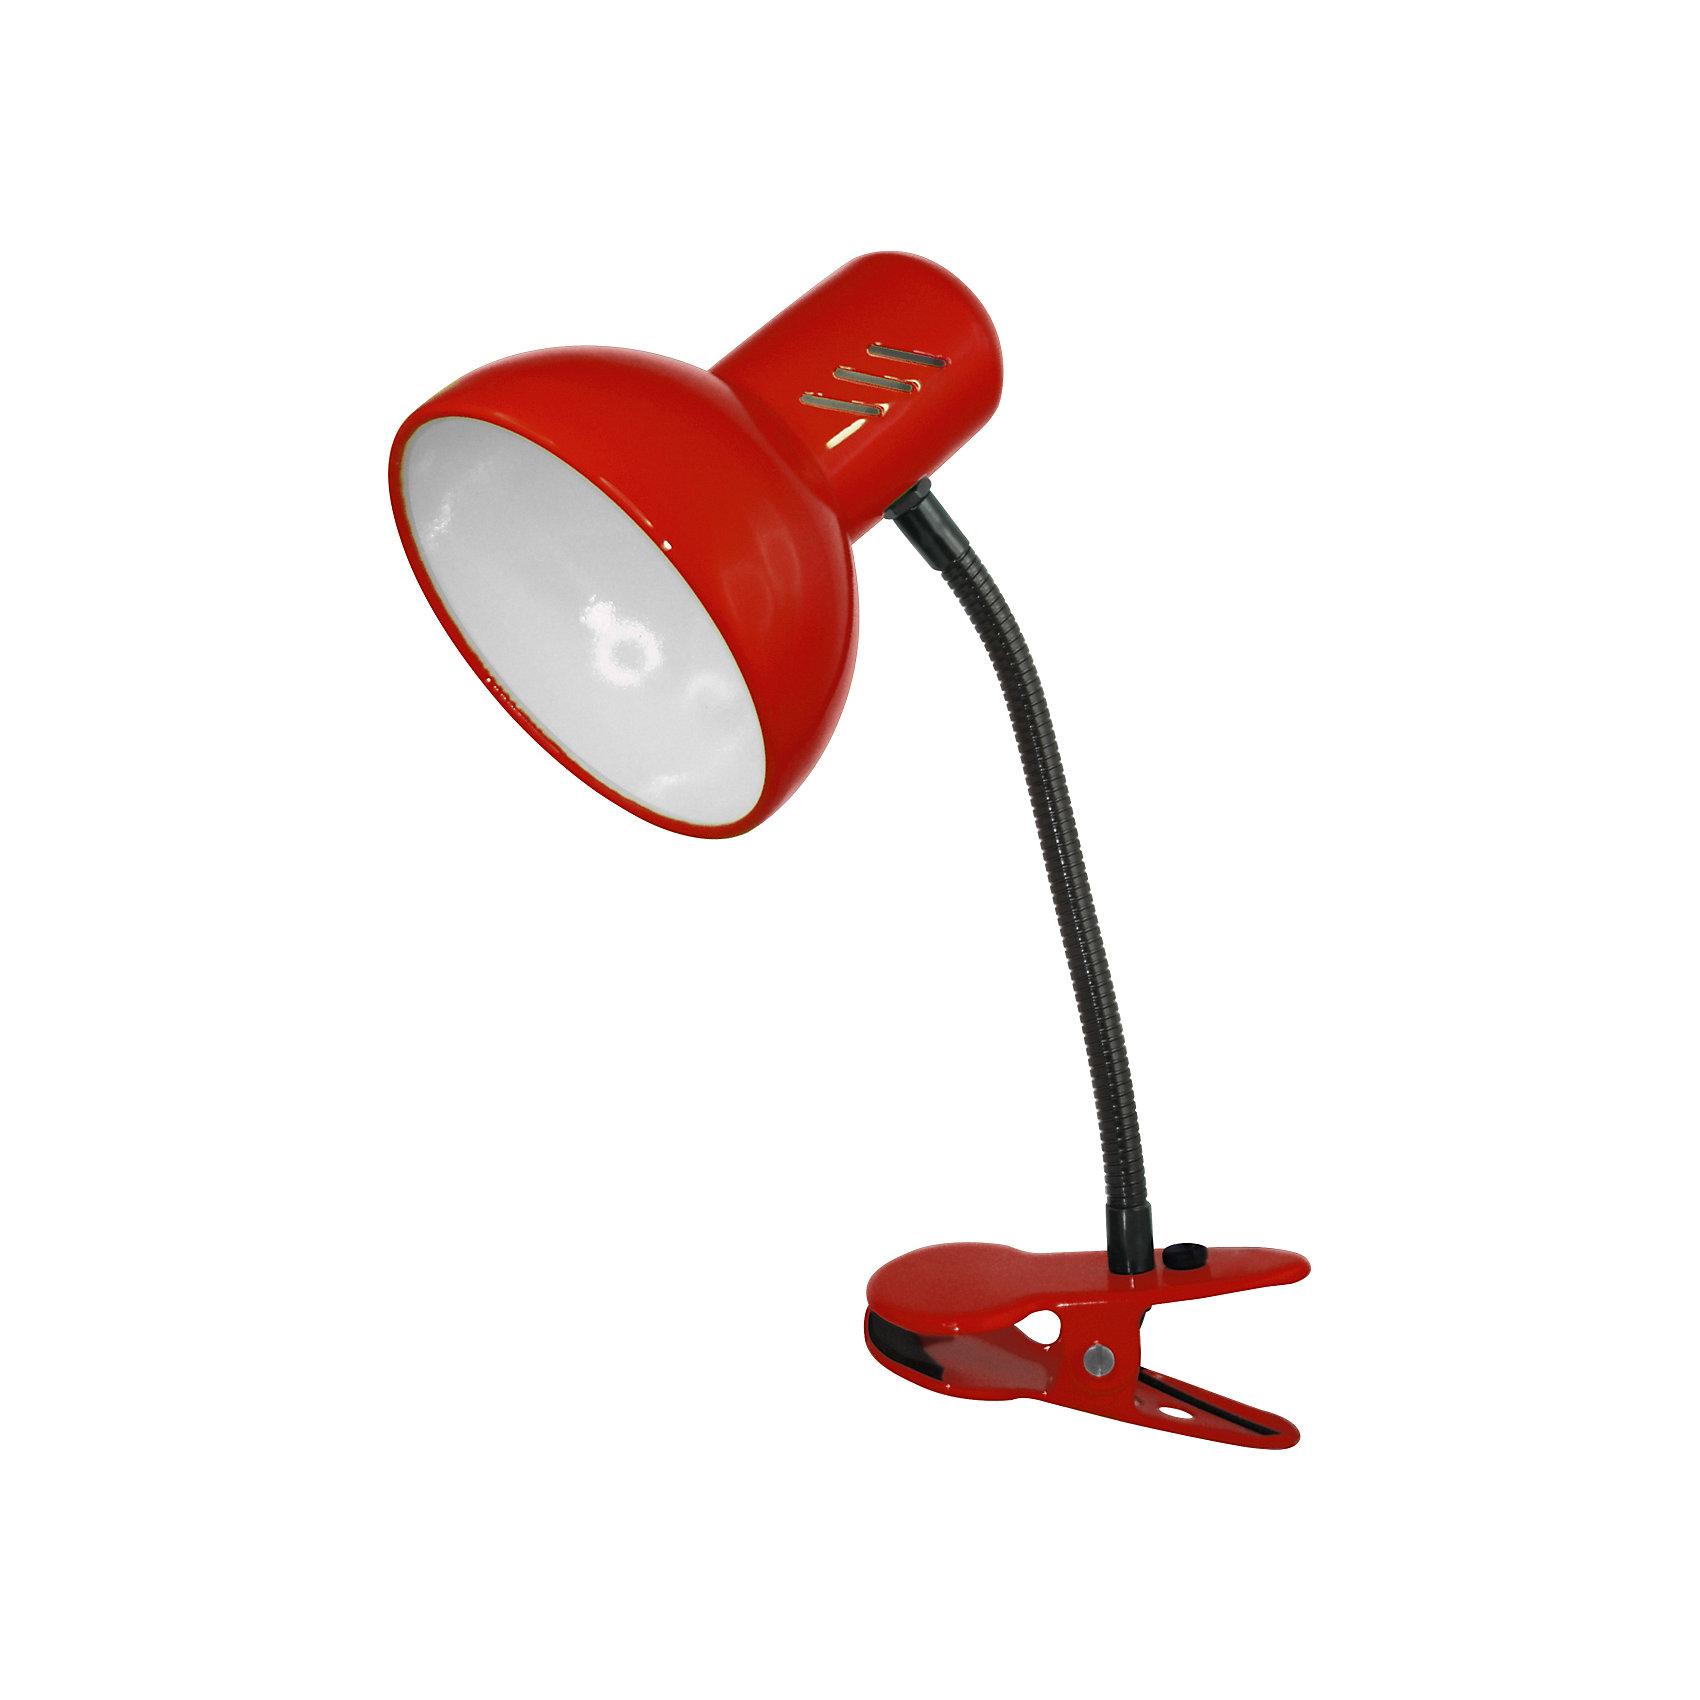 Красный светильник, 40 ВтЛампы, ночники, фонарики<br>Красный светильник, 40 Вт – это классический светильник для освещения рабочего стола.<br>Красный светильник классического дизайна идеально подойдет для освещения рабочего места дома и в офисе. Светильник крепиться с помощью зажима-прищепки. Плафон изготовлен из облегчённого металла, покрыт специальной устойчивой эмалью. Патрон светильника прочно закреплён, изготовлен из керамики. Сетевой шнур с вилкой длиной 1,8м. имеет двойную изоляцию, не требует заземления. Вилка изготовлена из пластичного материала, предотвращающего появление трещин. Светильник удобен и практичен в использовании.<br><br>Дополнительная информация: <br><br>- Материал плафона: металл<br>- Цвет: красный<br>- Питание: от сети 220В<br>- Тип цоколя: E27<br>- Мощность лампы: 40 Вт<br>- Длина шнура питания с вилкой: 1,8 м.<br>- Размер светильника: 17х22,5х12,5 см.<br>- Размер упаковки: 24х16х14 см.<br>- Вес: 642 гр.<br><br>Красный светильник, 40 Вт можно купить в нашем интернет-магазине.<br><br>Ширина мм: 240<br>Глубина мм: 160<br>Высота мм: 140<br>Вес г: 642<br>Возраст от месяцев: 36<br>Возраст до месяцев: 192<br>Пол: Унисекс<br>Возраст: Детский<br>SKU: 4641474